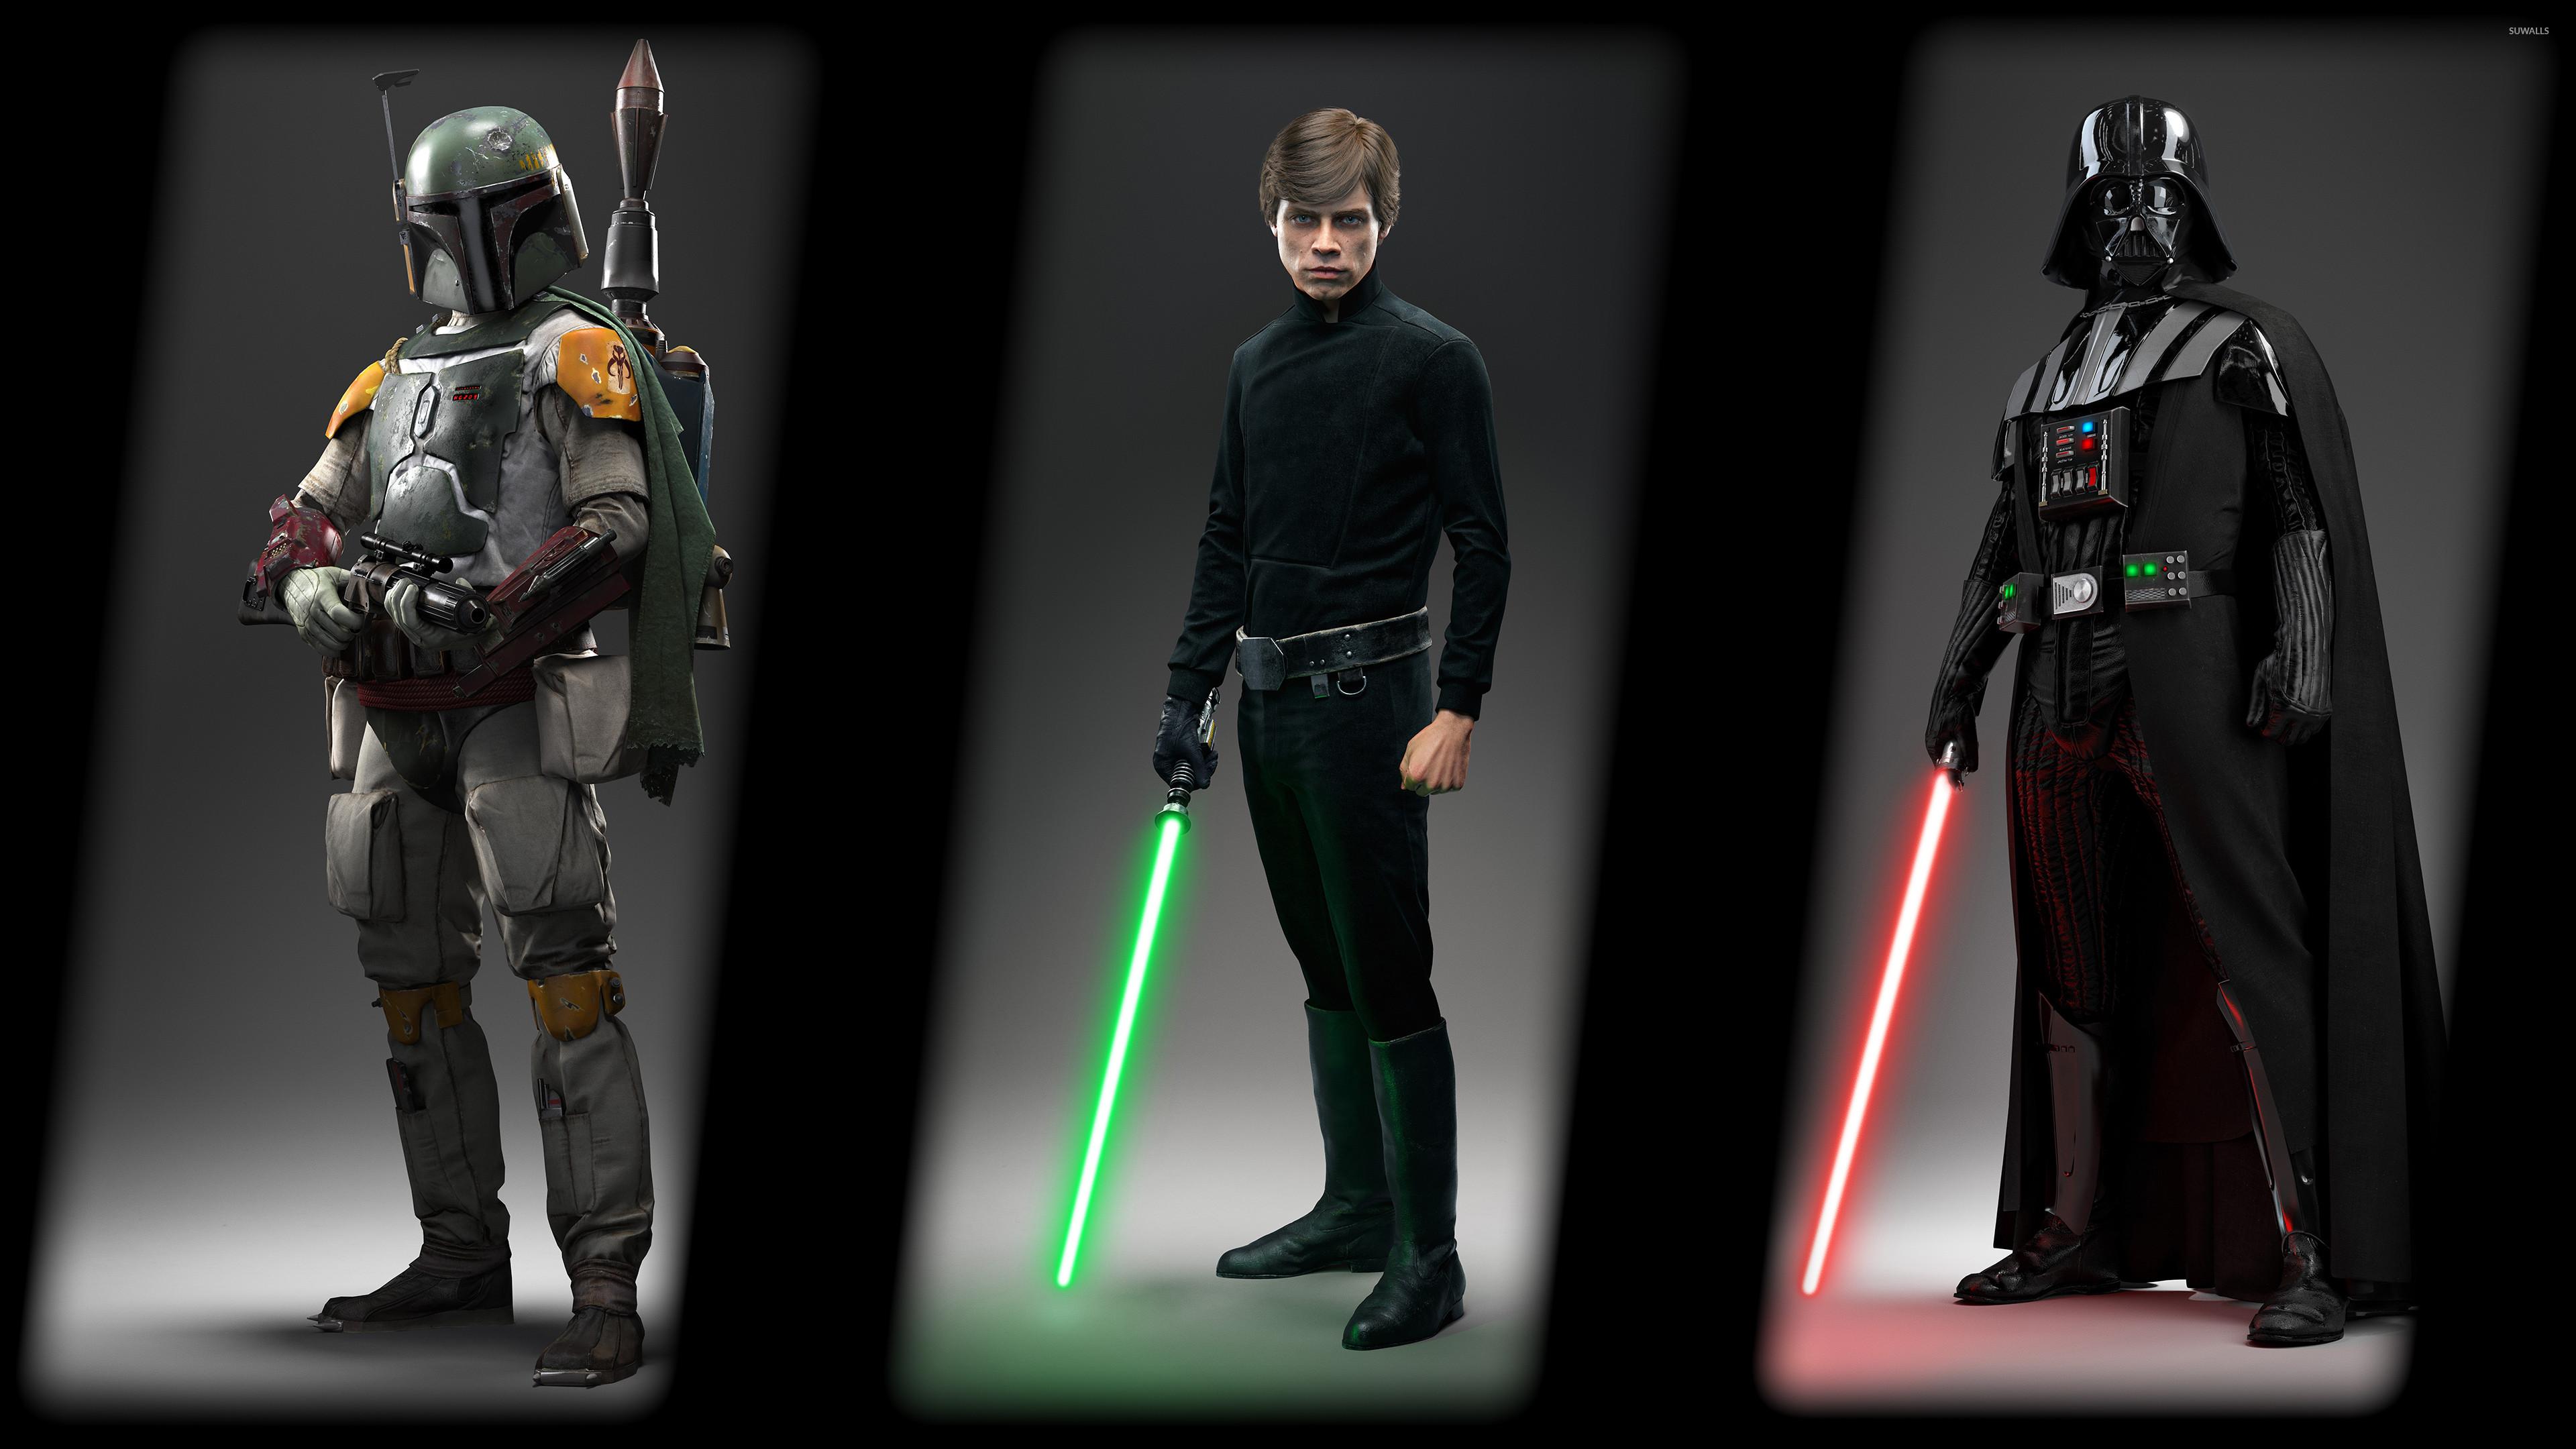 Boba Fett, Luke & Darth Vader – Star Wars Battlefront wallpaper